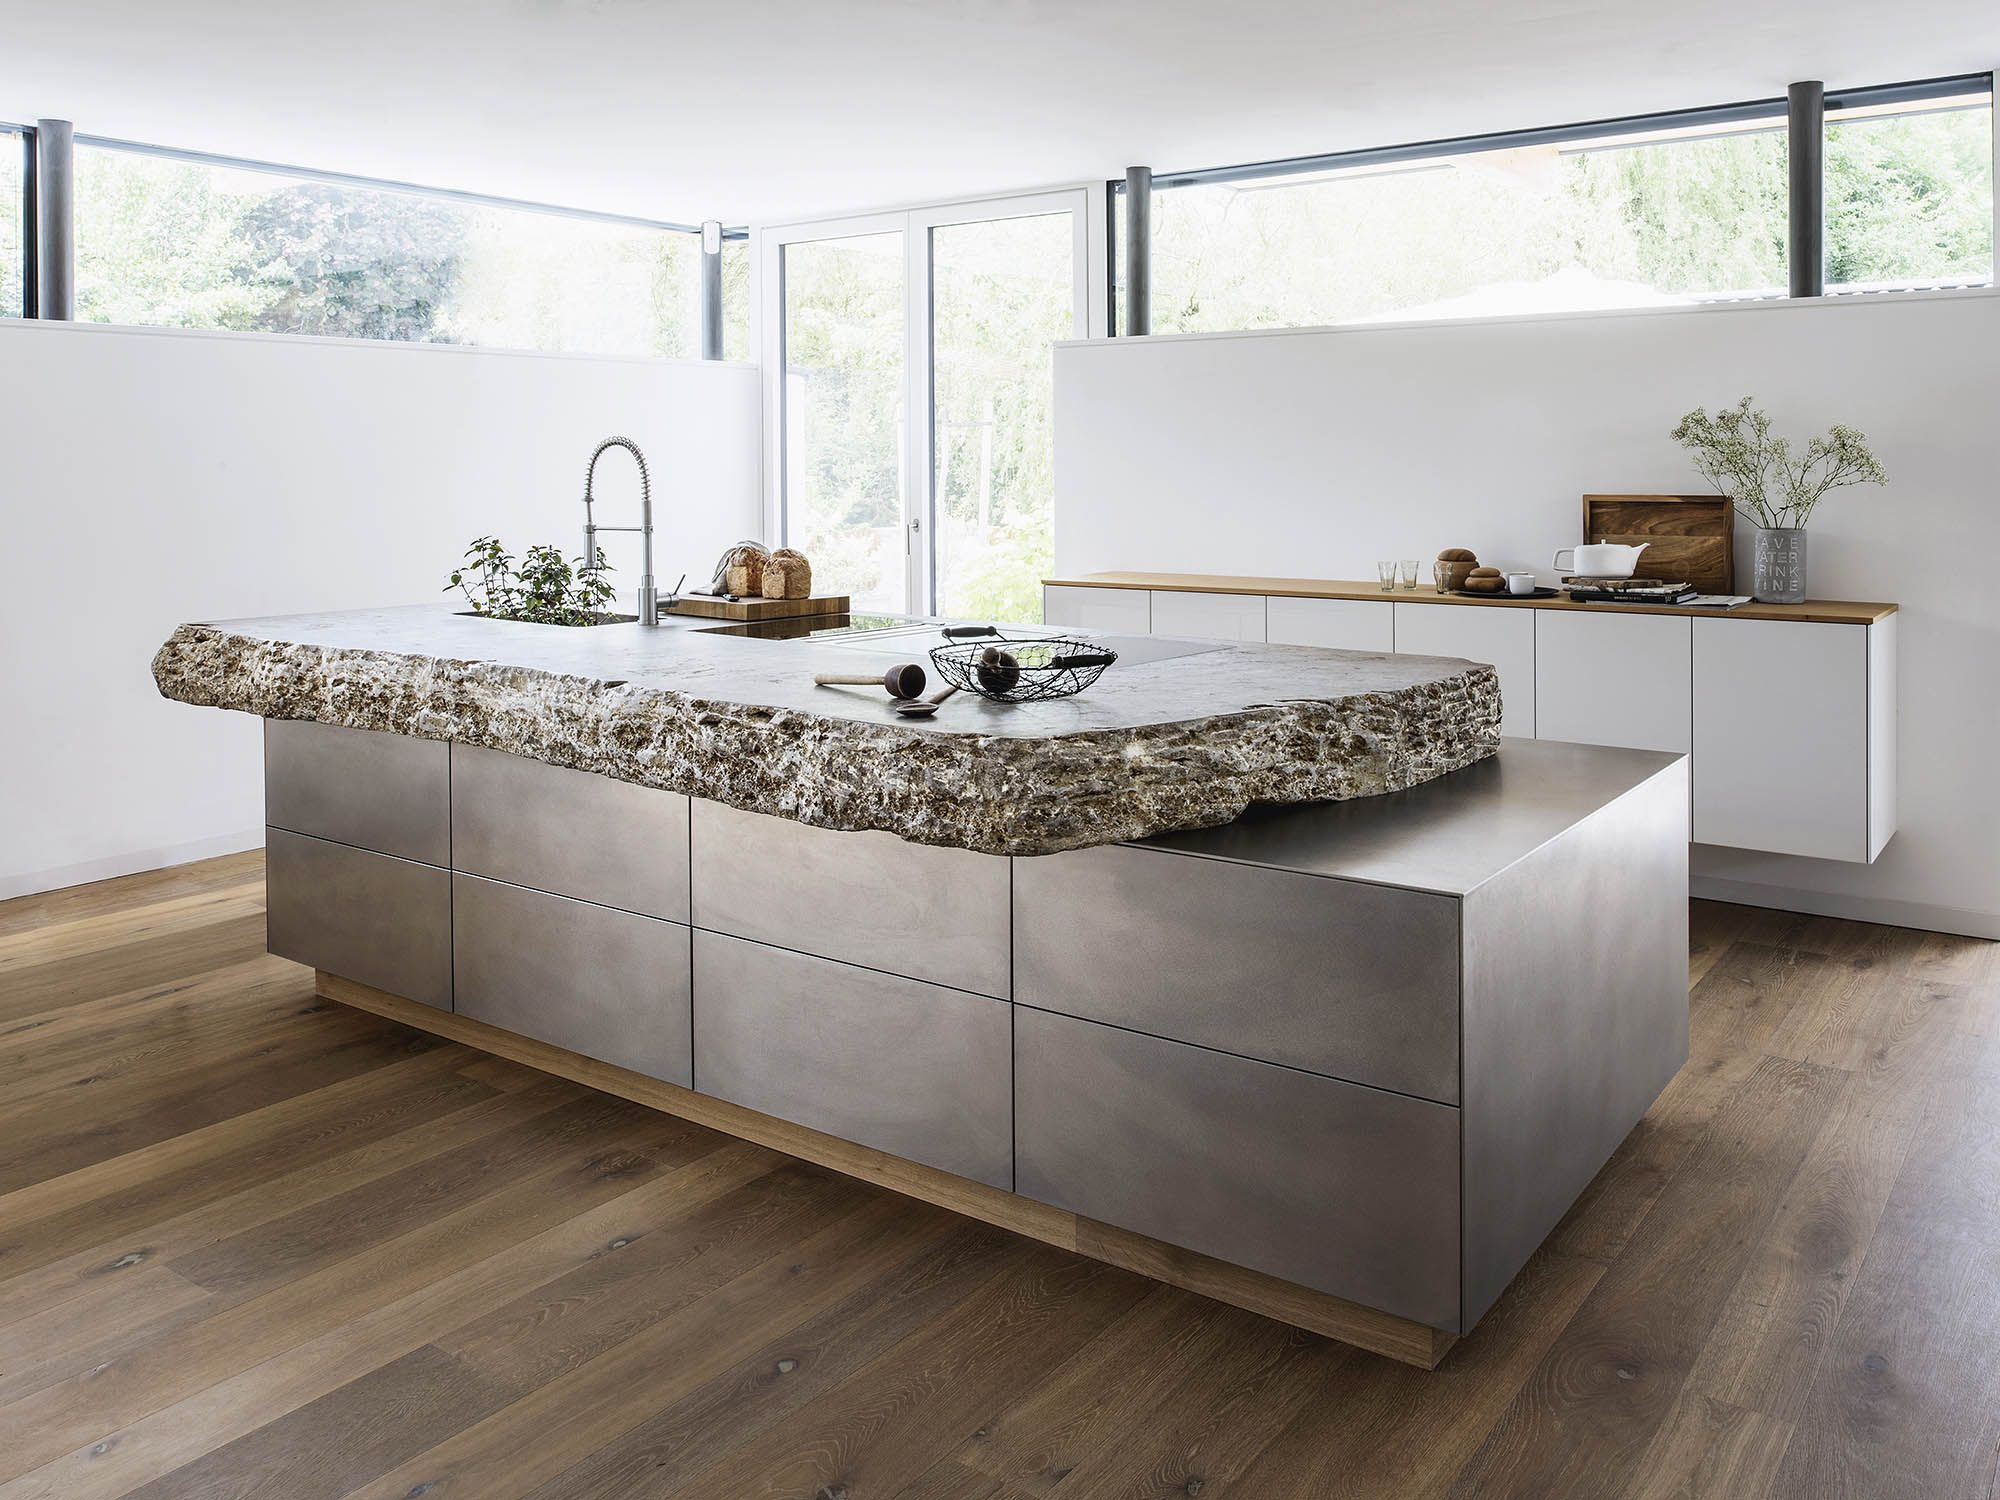 Erfreut Küchenschrank Layout Pinterest Bilder - Ideen Für Die Küche ...